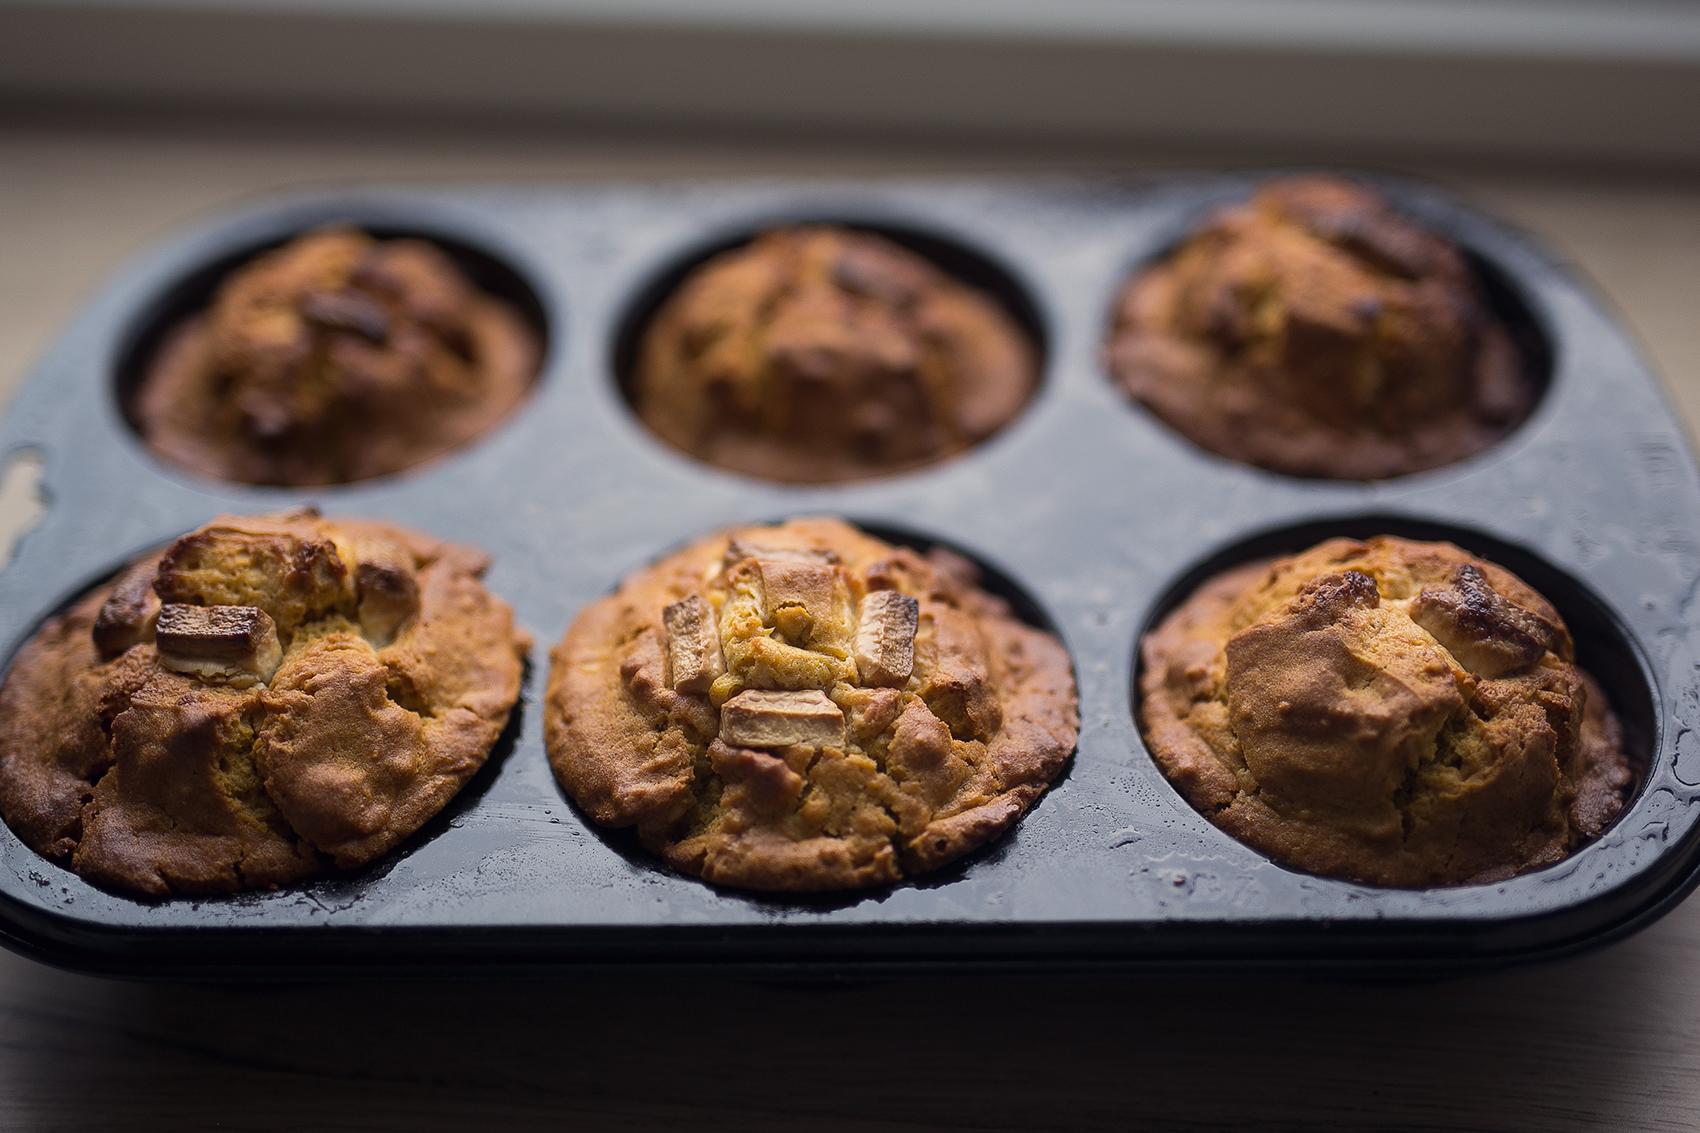 Frisch gebackene Kürbis Muffins mit weißer Schokolade